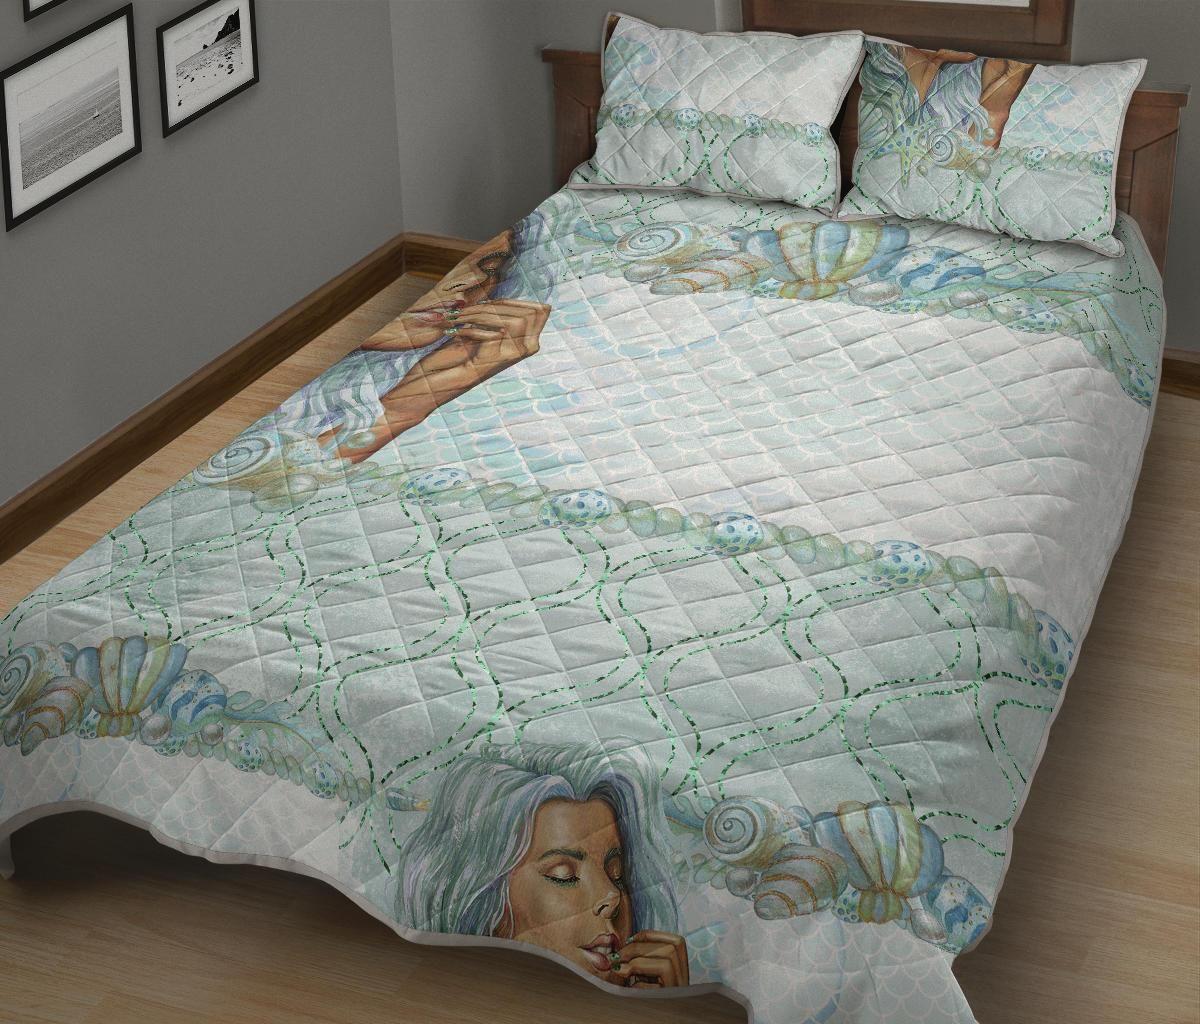 Comfort Quilt Bed Set Collection Summer Mermaid 02 - Quilt Bed Set - Comfort Quilt Bed Set Collection Summer Mermaid 02 / Queen